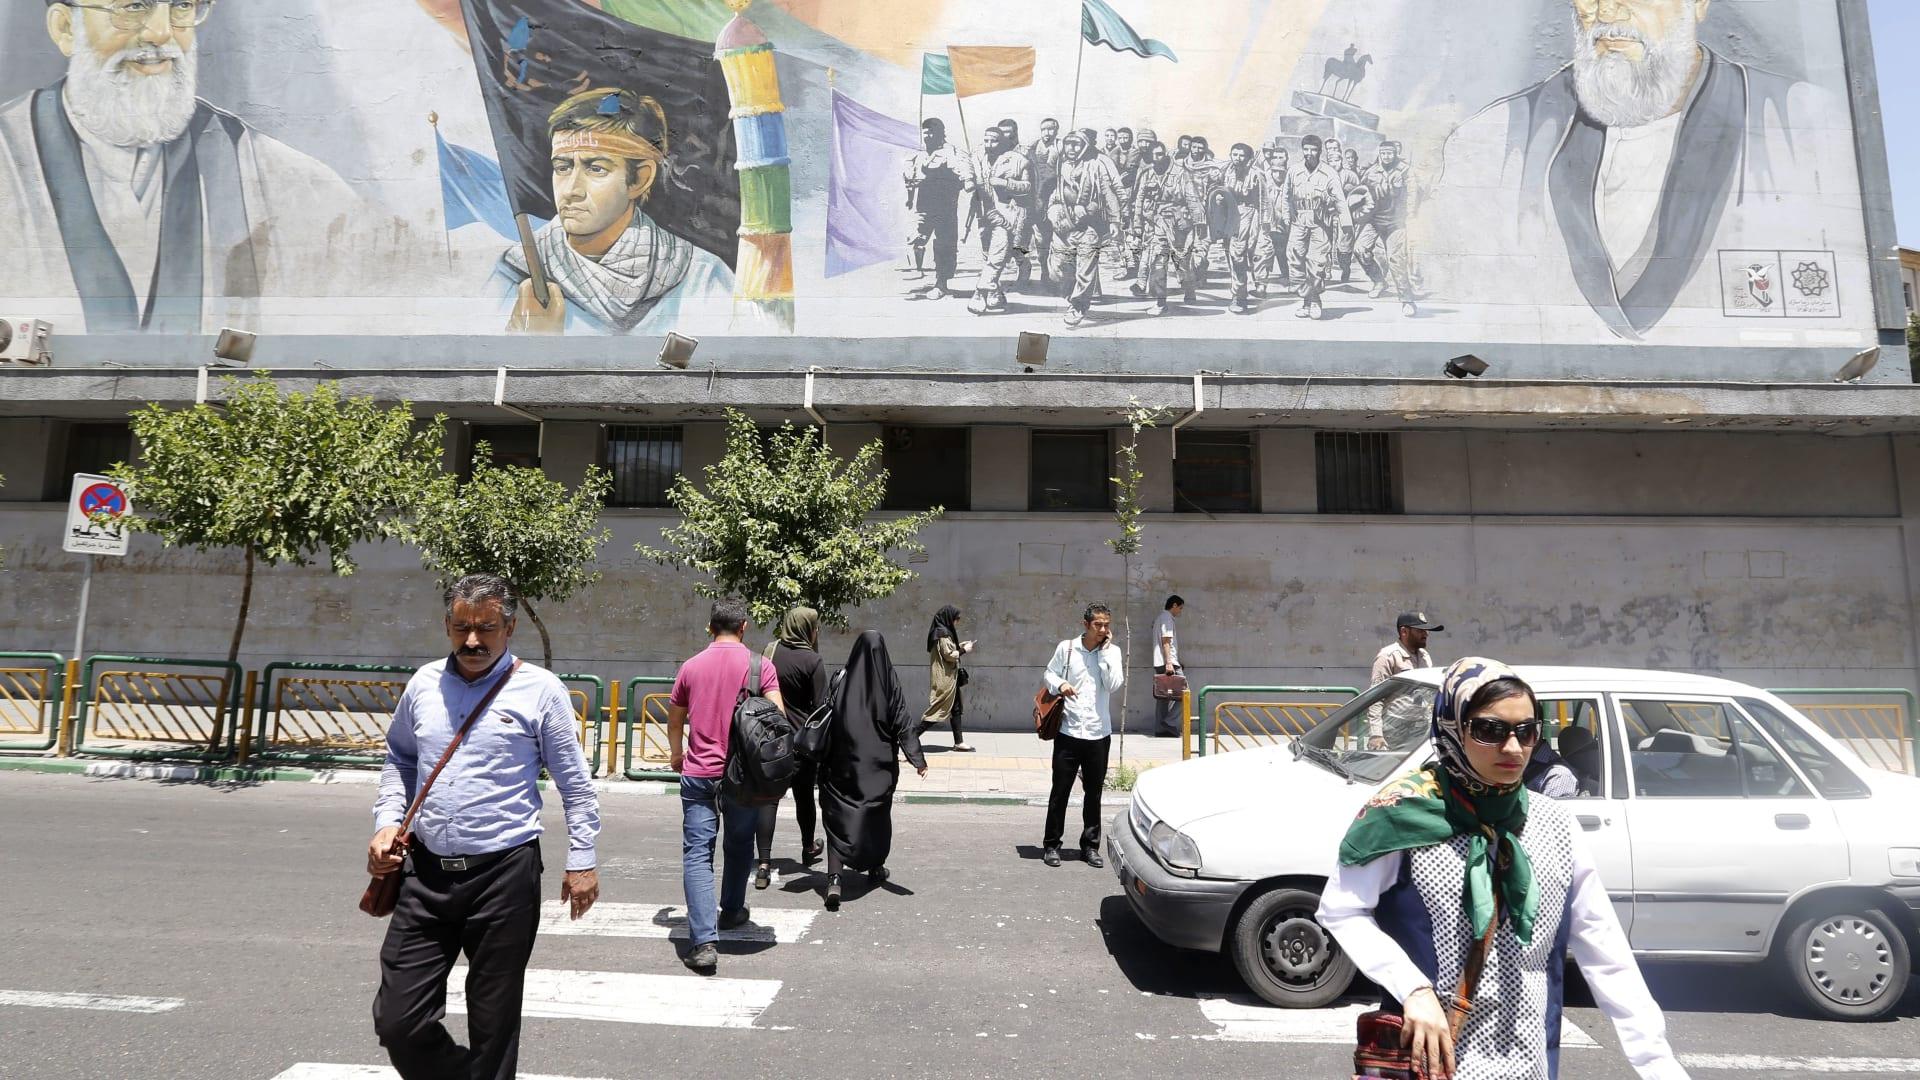 إيران تحظر إعلانات المنتجات الأجنبية.. لماذا؟